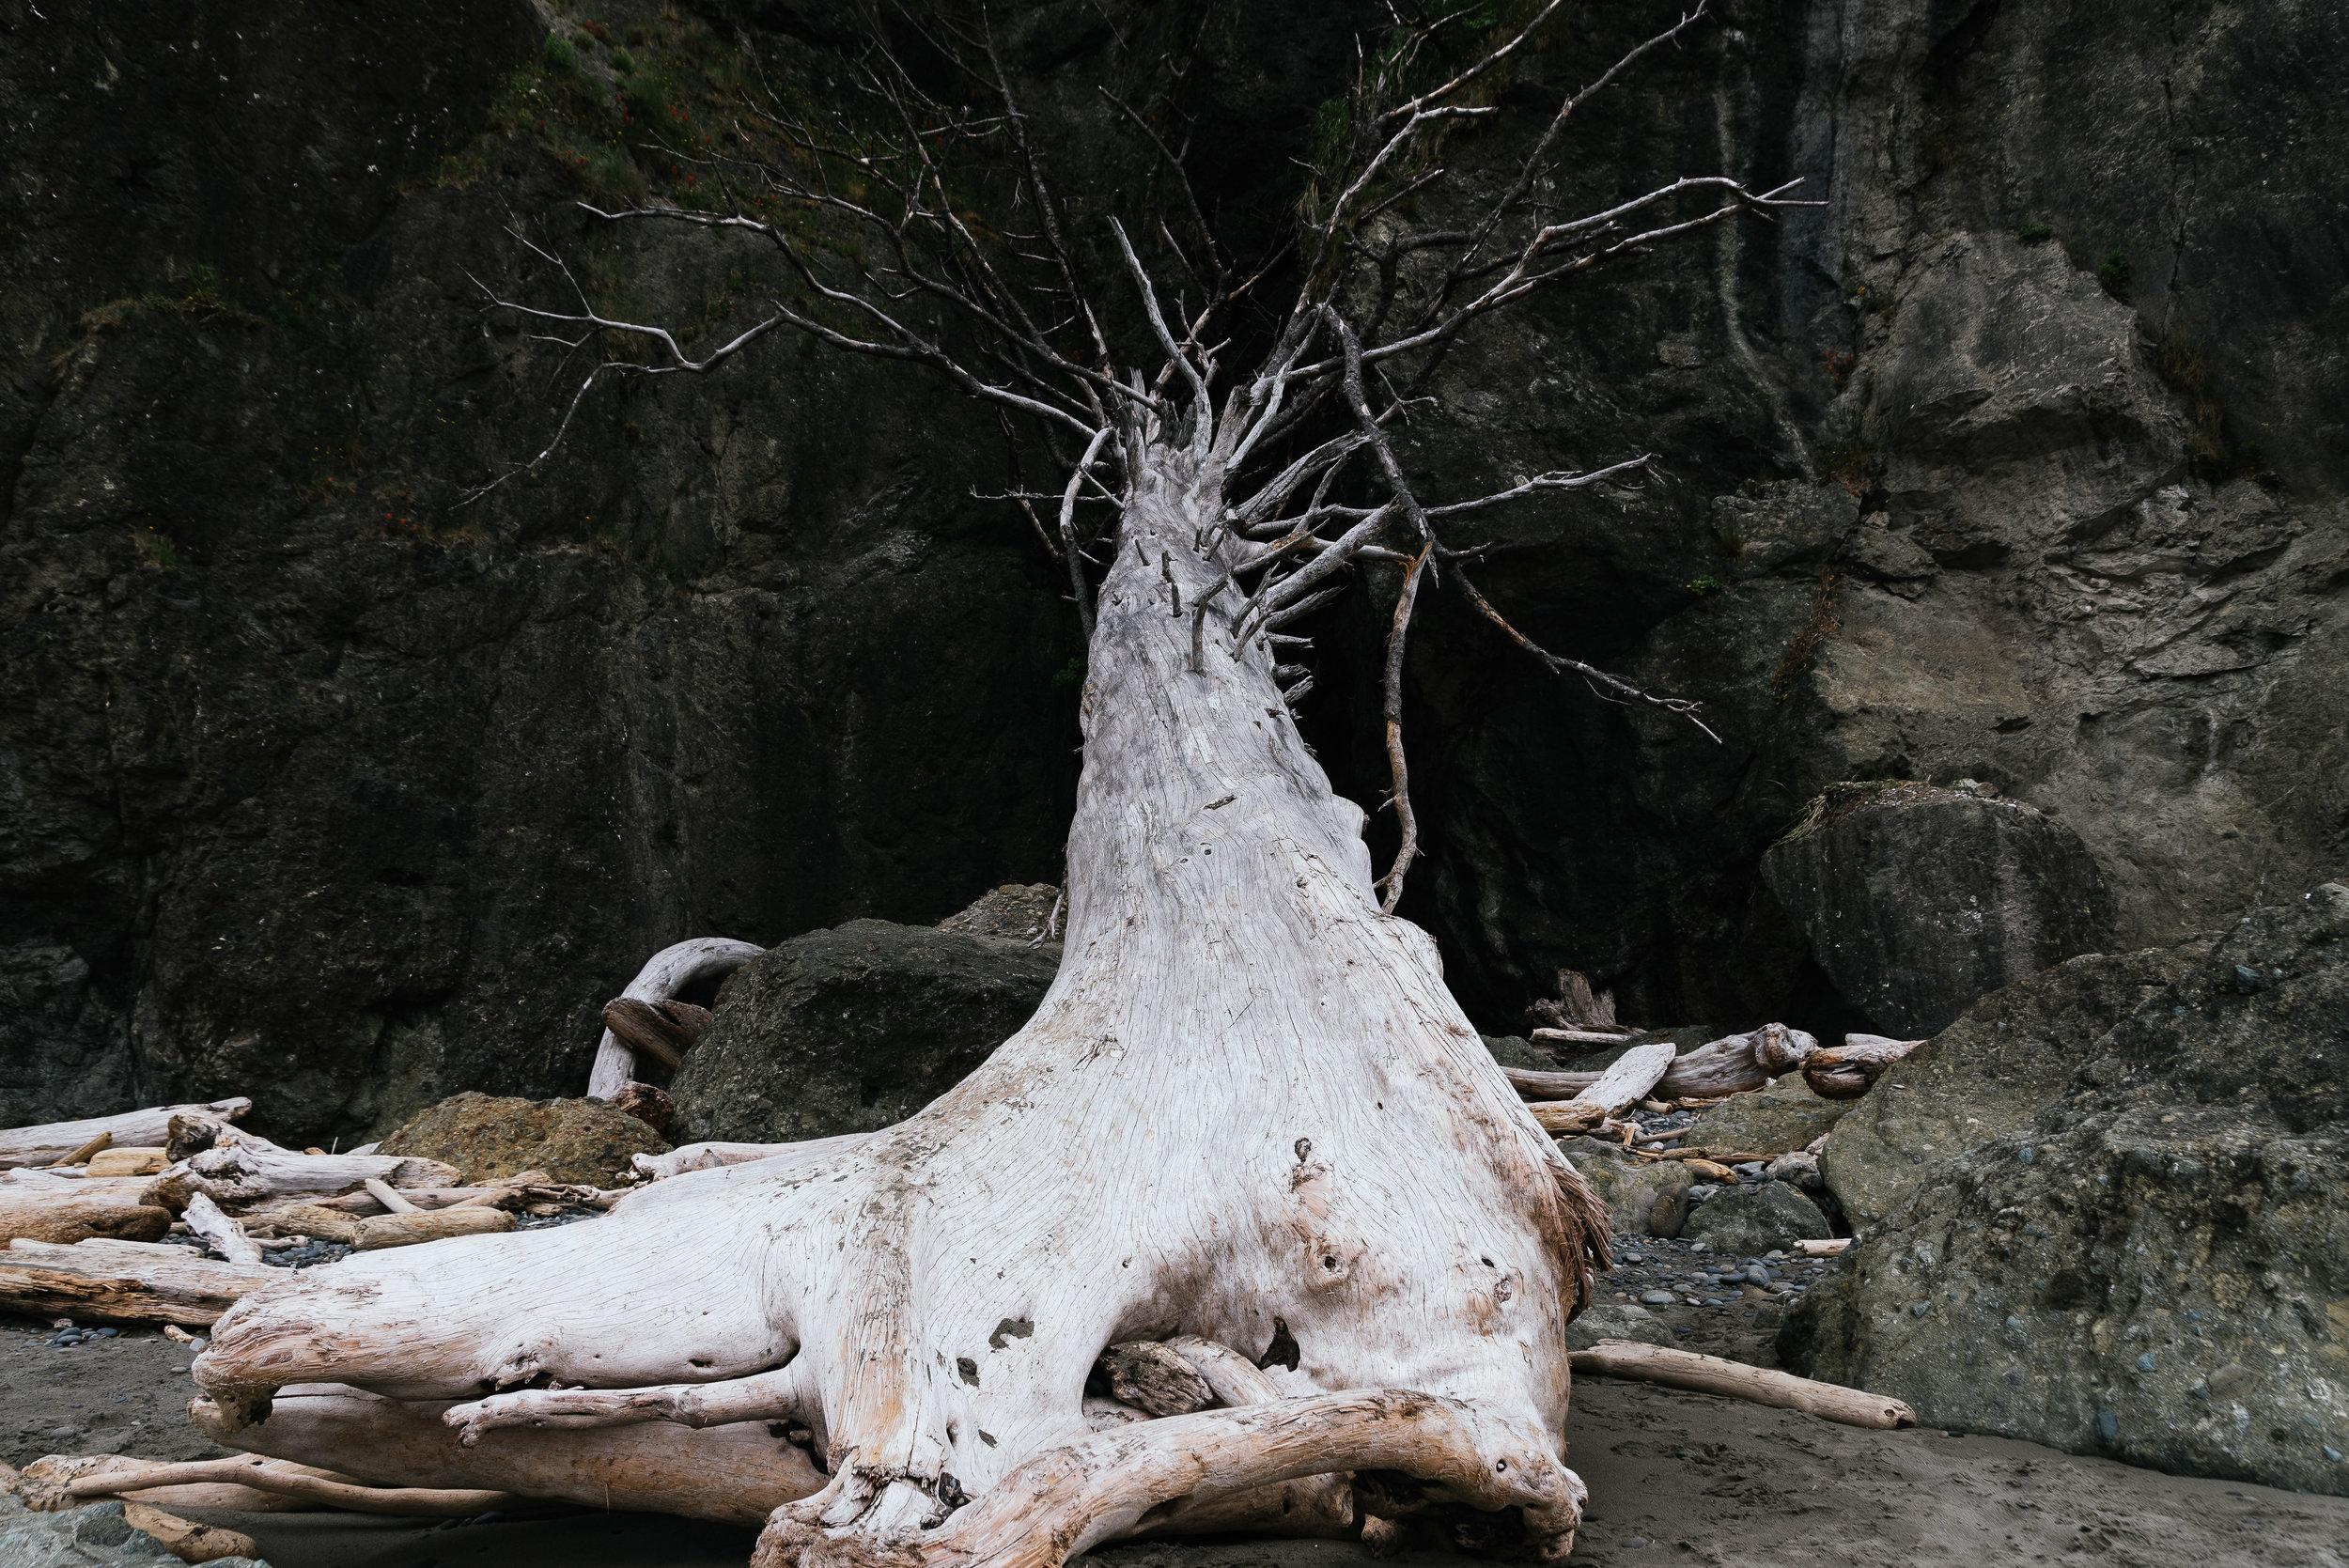 The Branch-3307.jpg